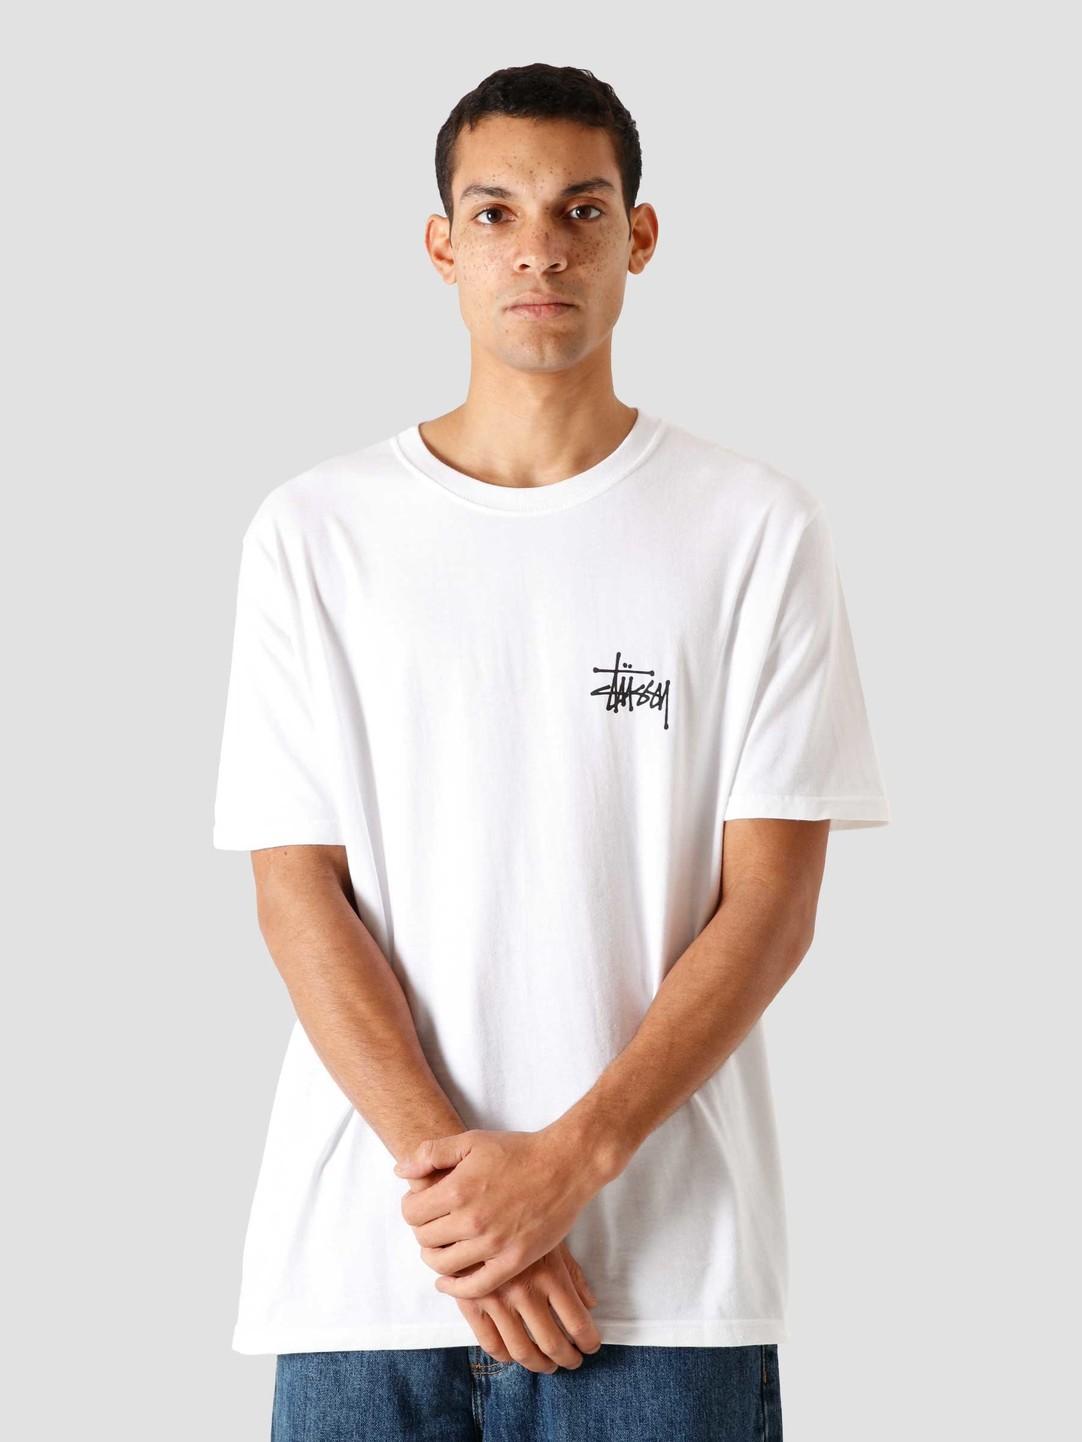 Stussy Stussy Waiter T-Shirt White 1904588-1201